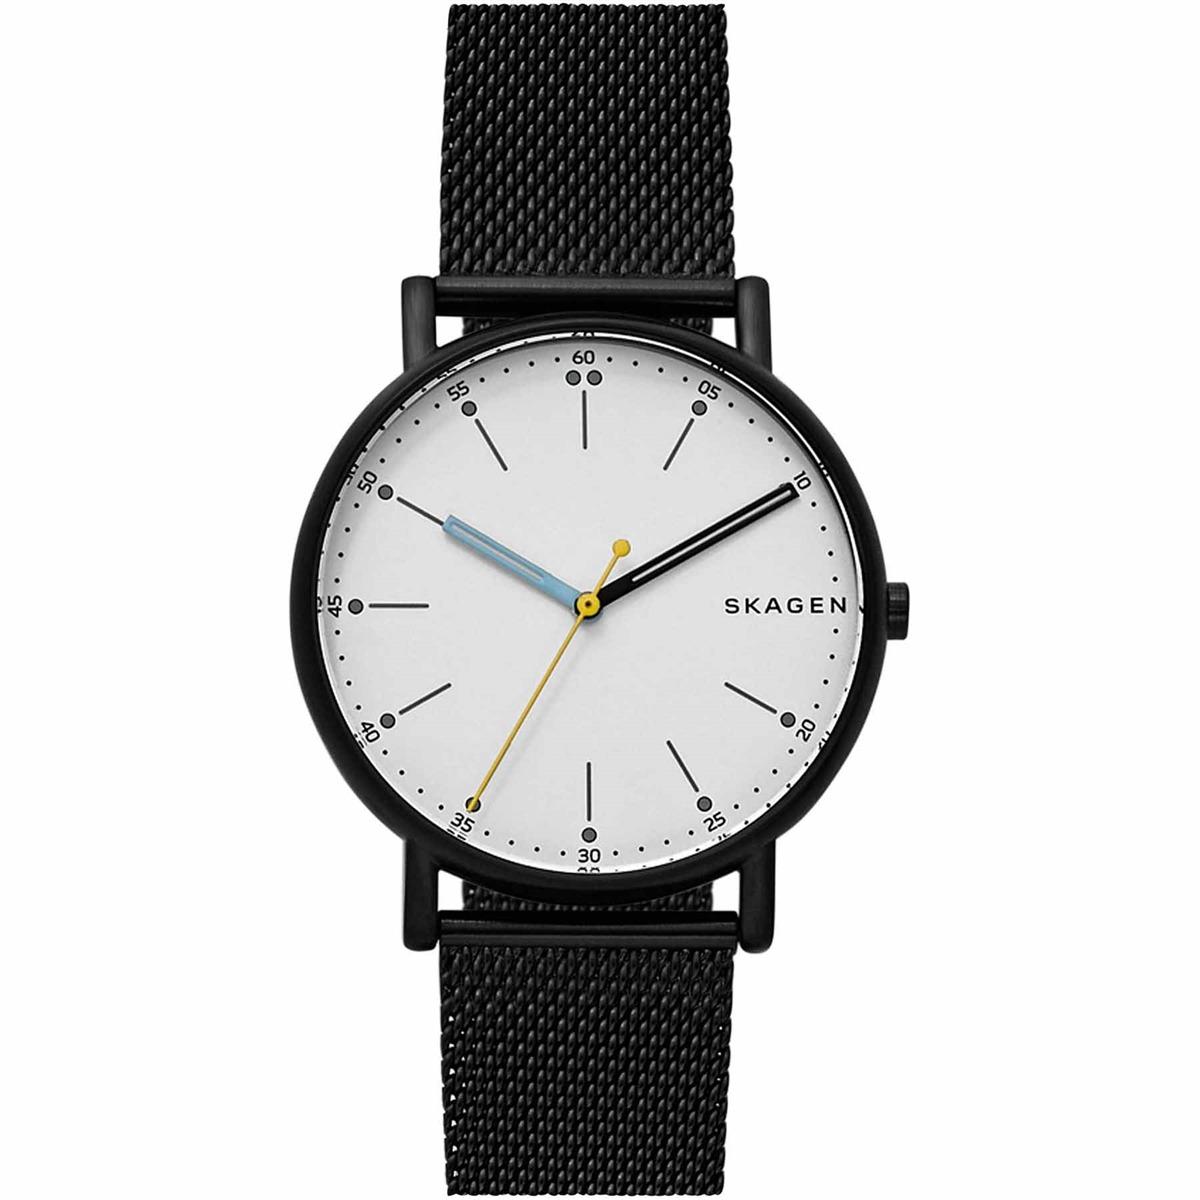 718af3c558eab Relógio Skagen Masculino Slim Sapphire Analógico Skw6376 0cn - R ...